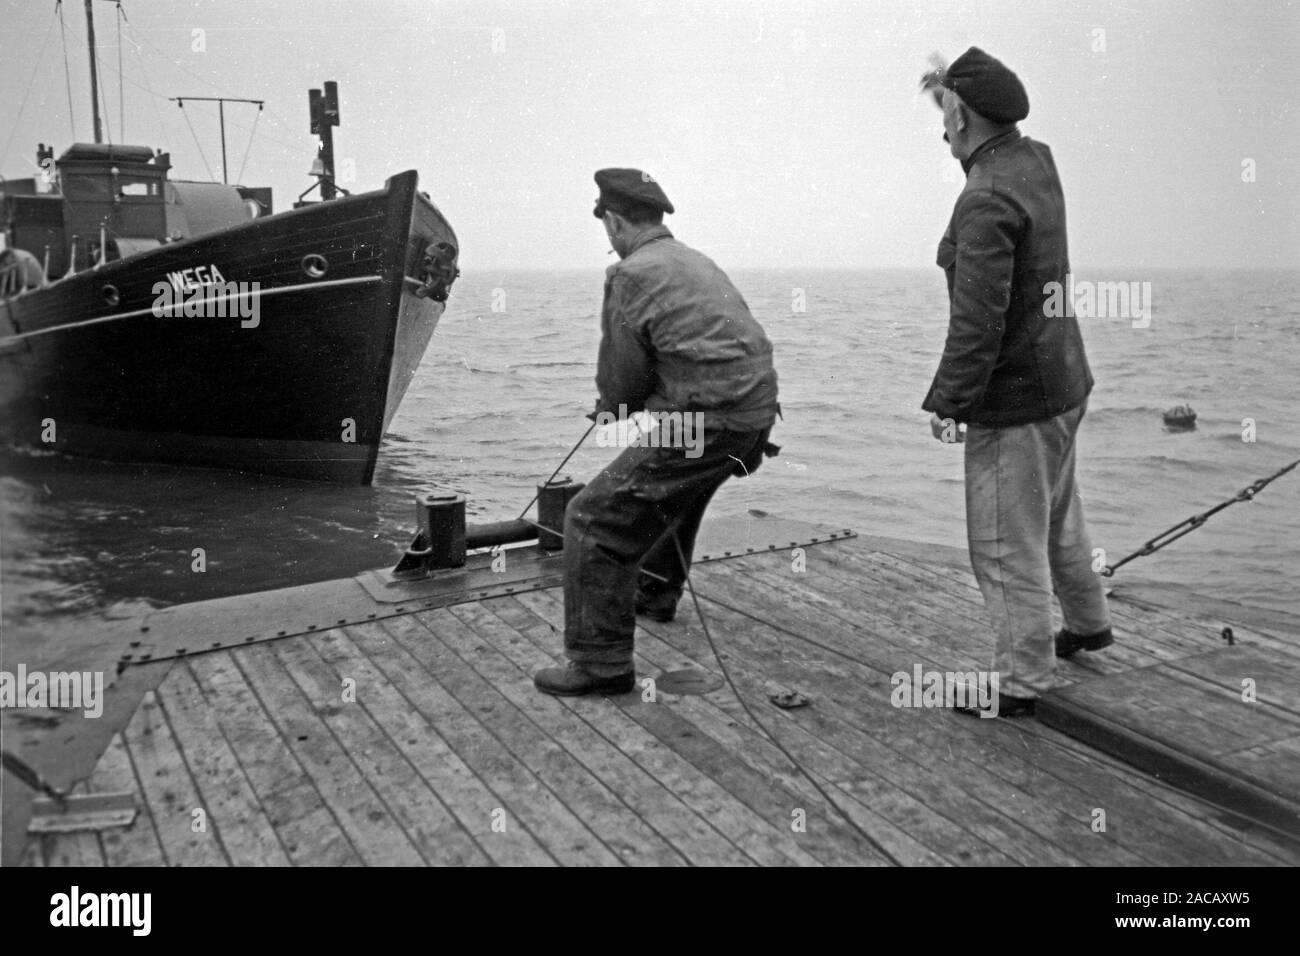 Schiffsarbeiter setzen Bojen, Emden, Niedersachsen, Deutschland, 1950. Ship workers put buoys, Emden, Lower Saxony, Germany, 1950. Stock Photo